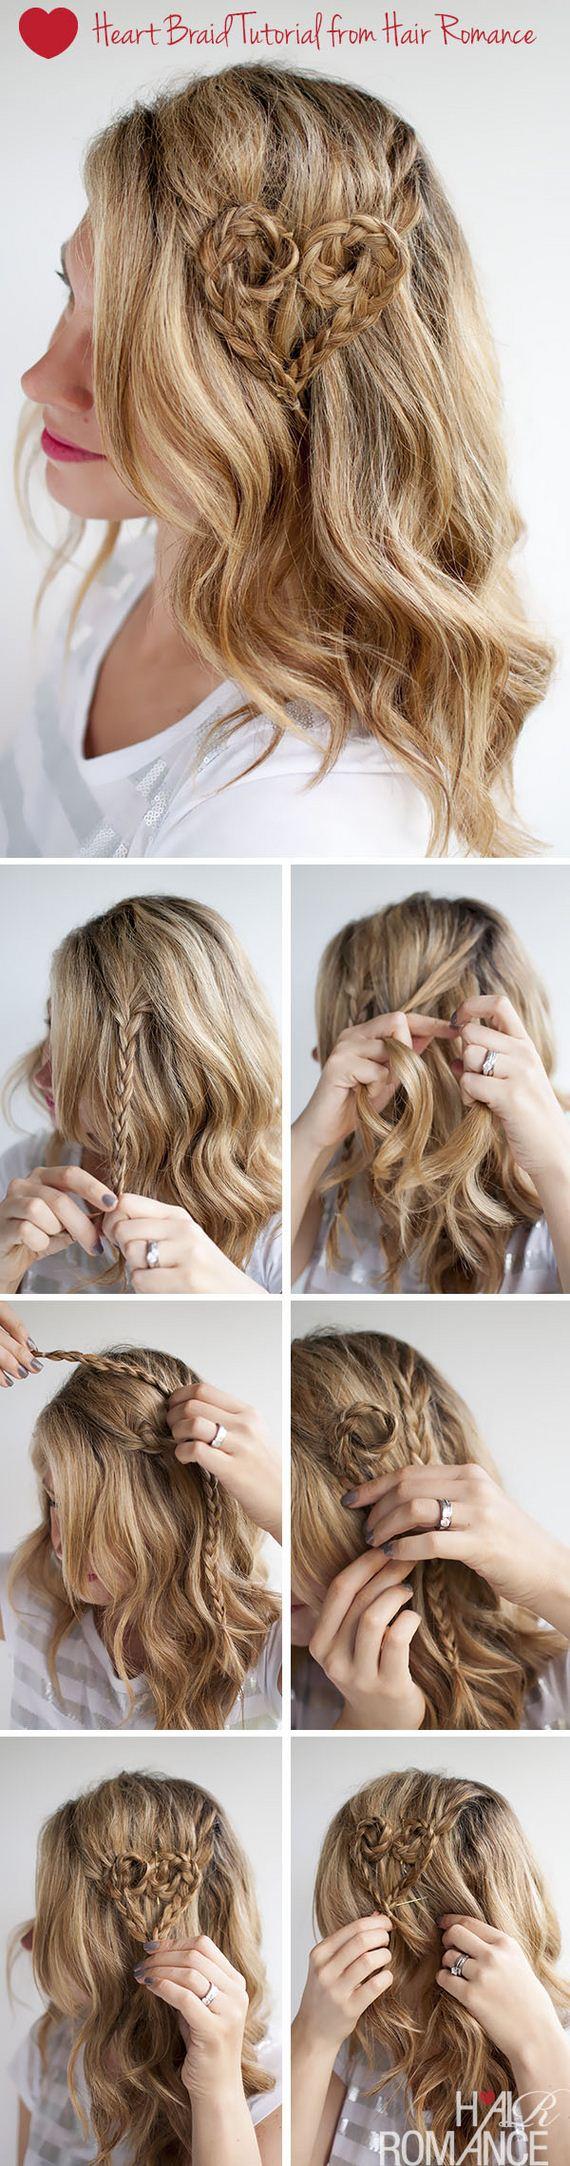 01-DIY-Heart-Hairstyles